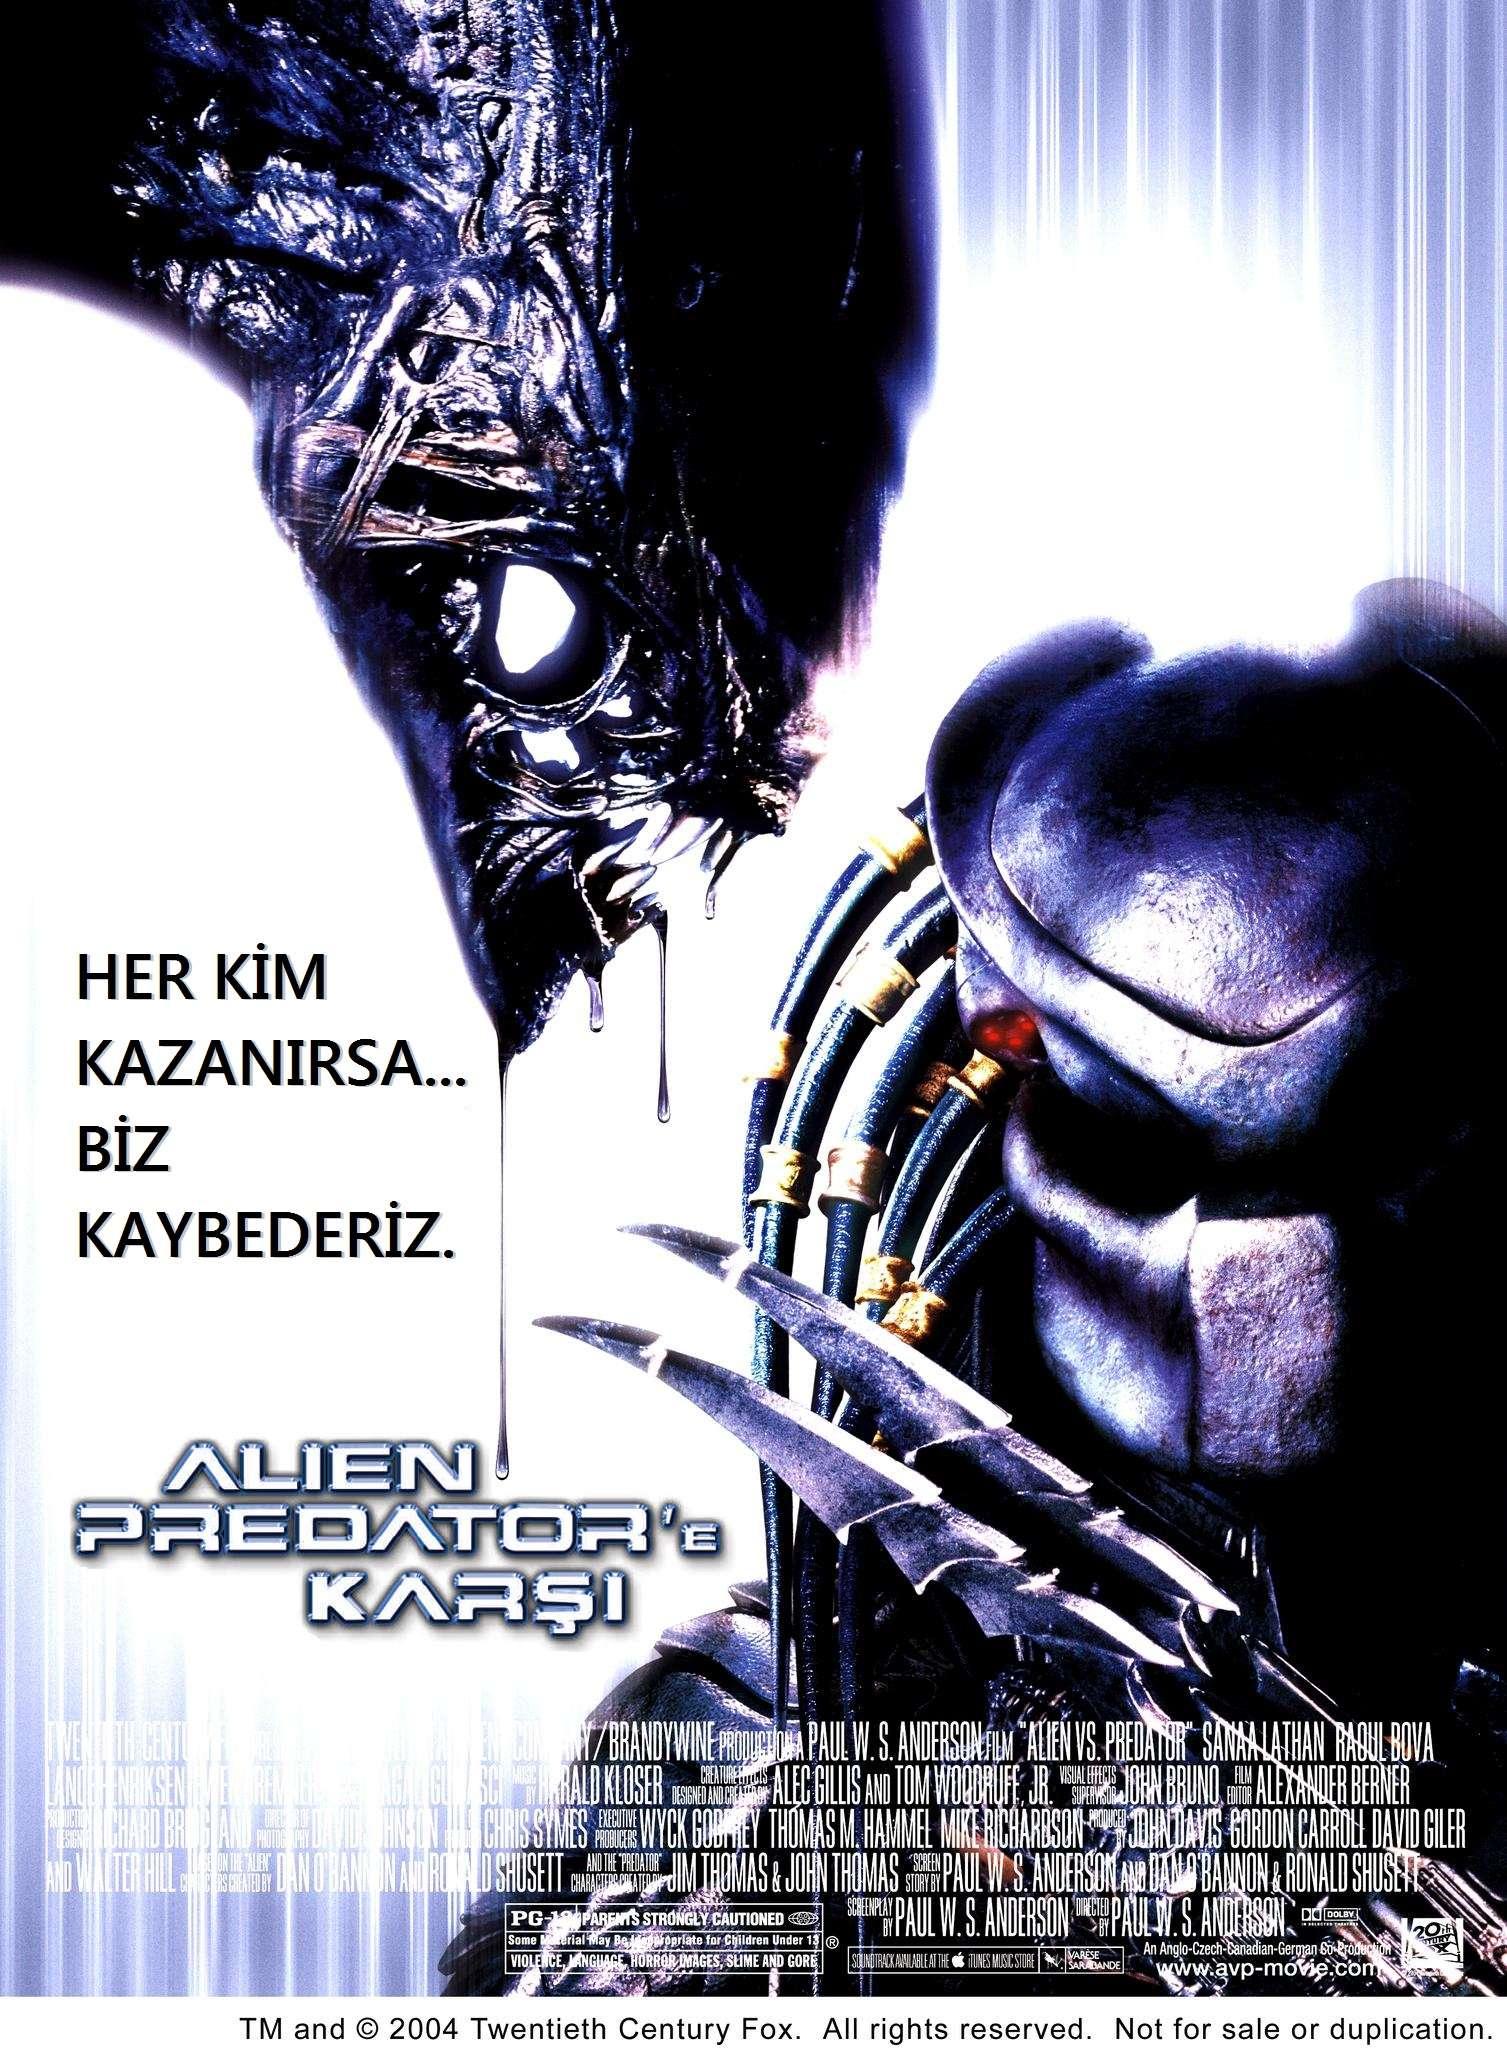 Alien Predator'e Karşı - 2004 Türkçe Dublaj 480p BRRip Tek Link indir